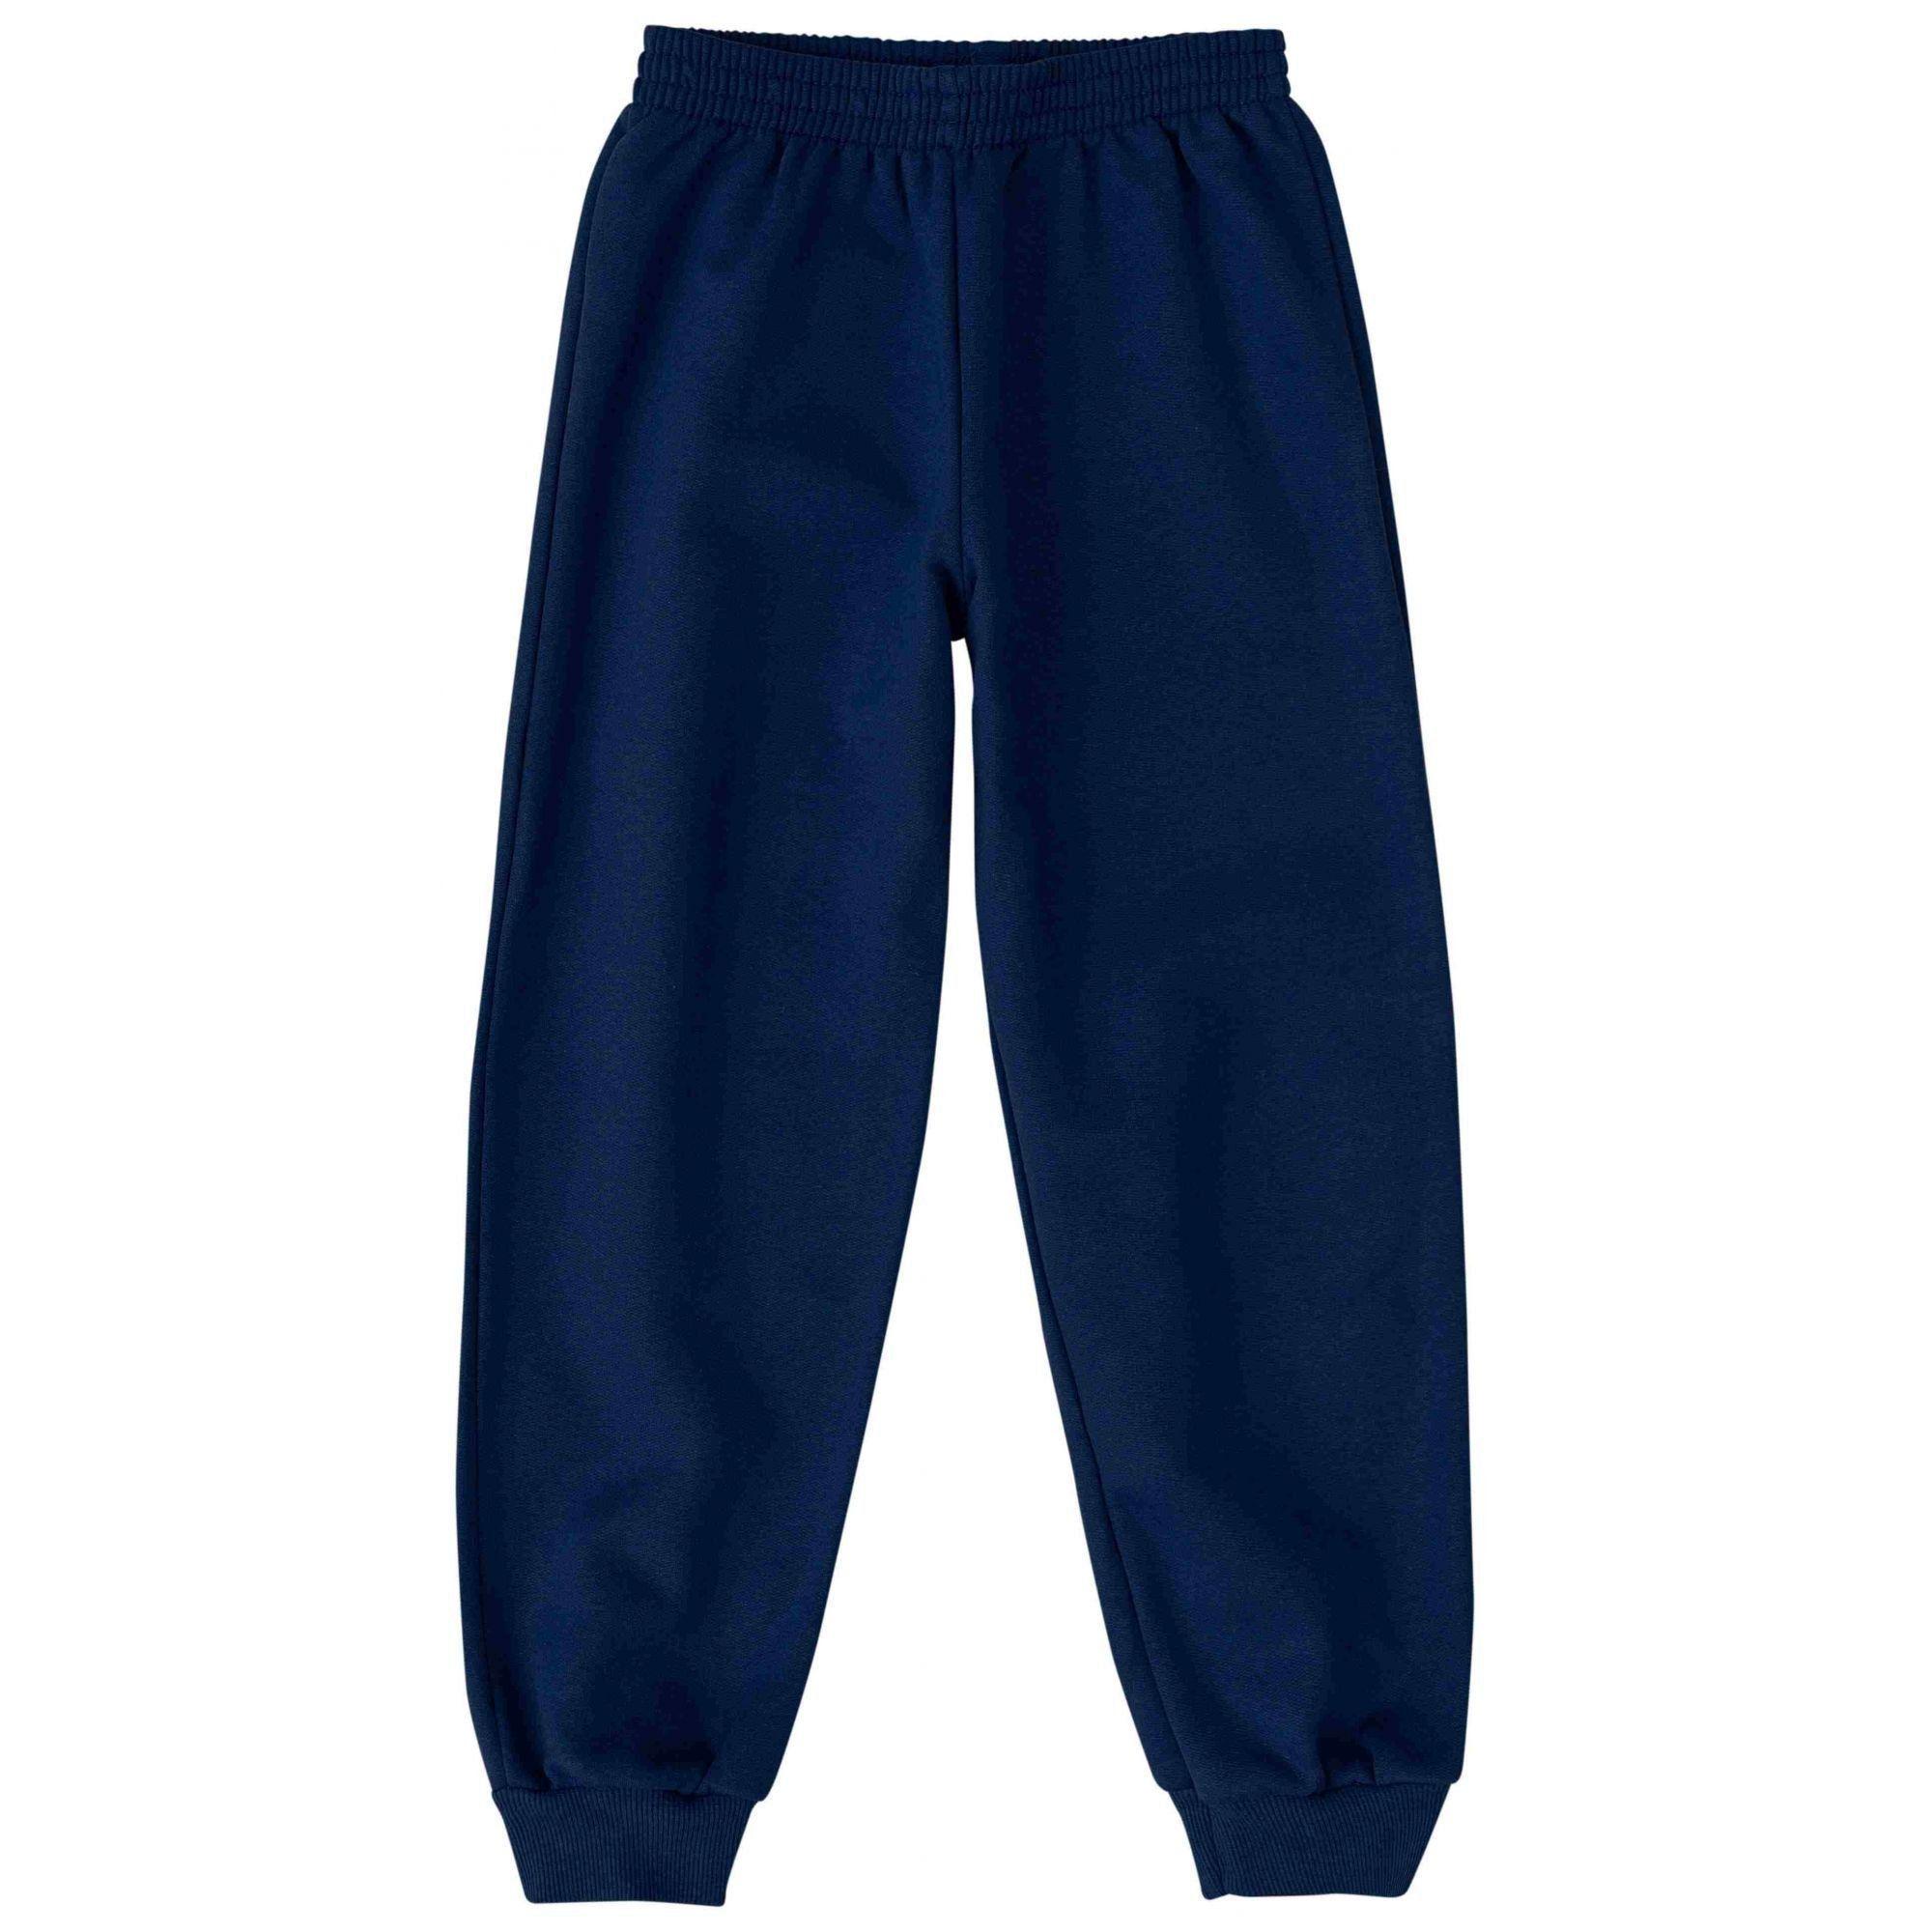 Calça de Moletom Infantil Inverno Azul Marinho Malwee